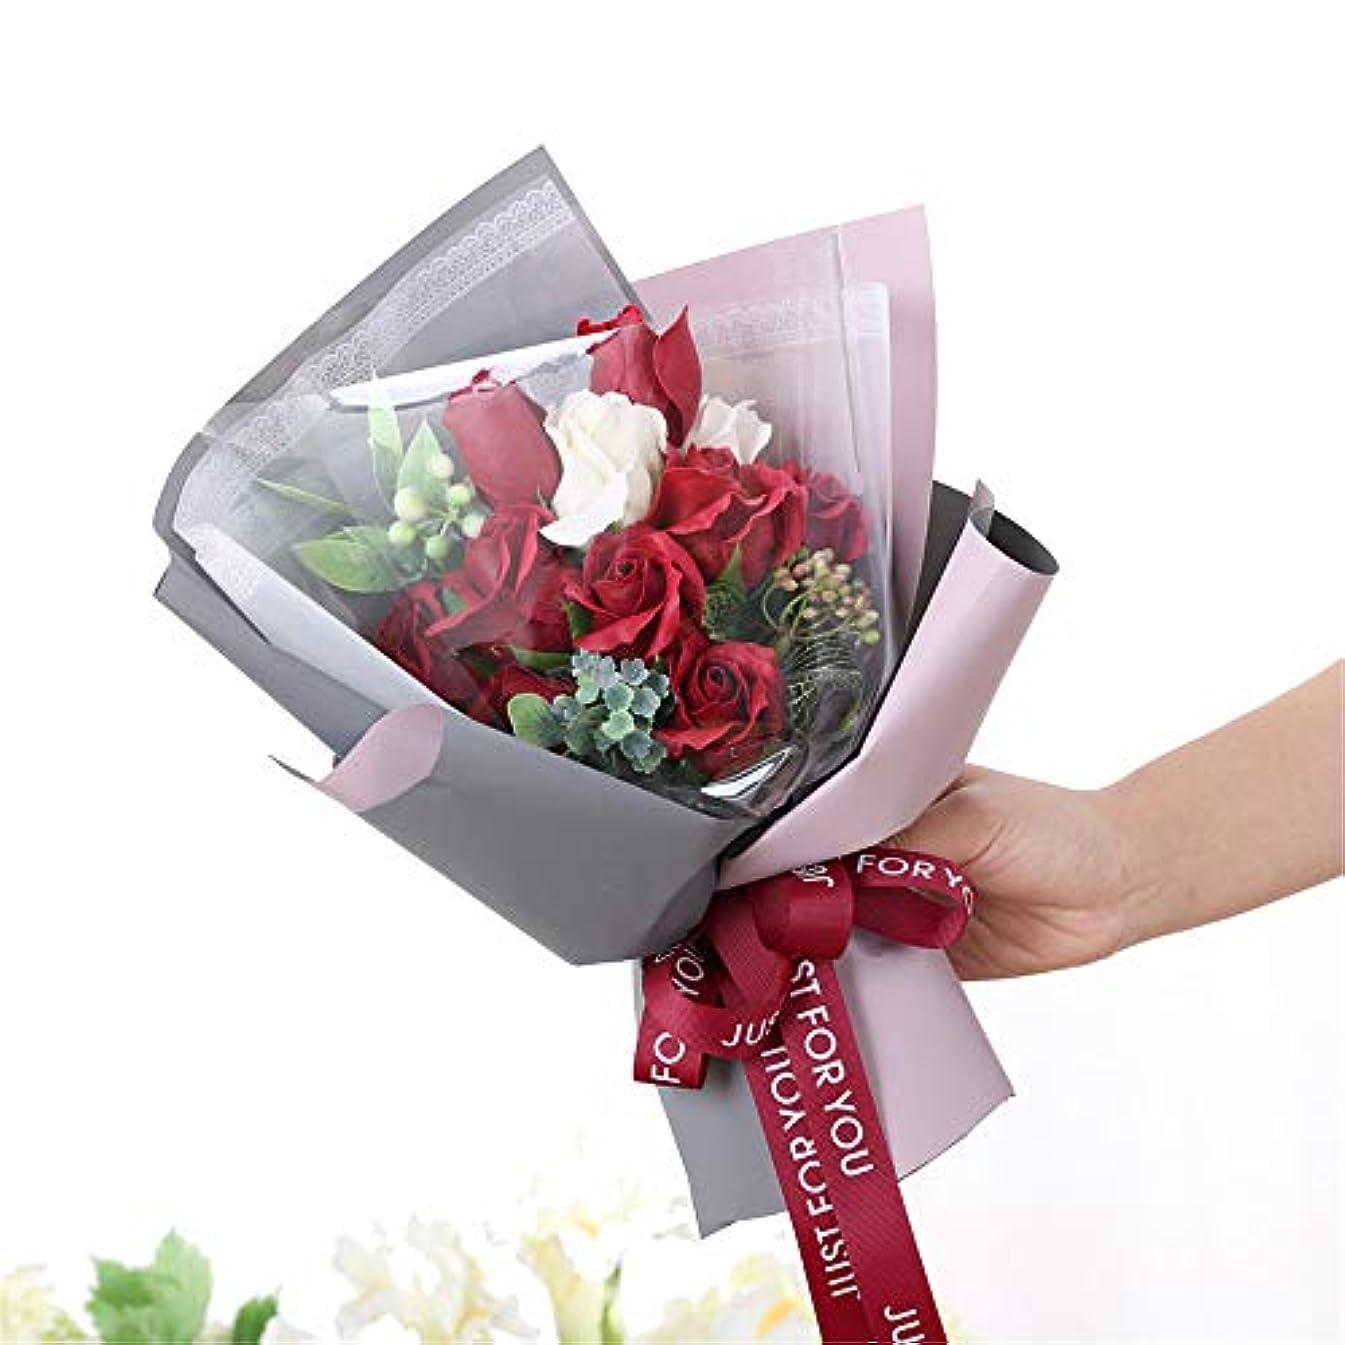 震えキルス移住する手作りのバラ石鹸フラワーブーケのギフトボックス、女性のためのギフトバレンタインデー、母の日、結婚式、クリスマス、誕生日を愛した女の子 (色 : 赤)